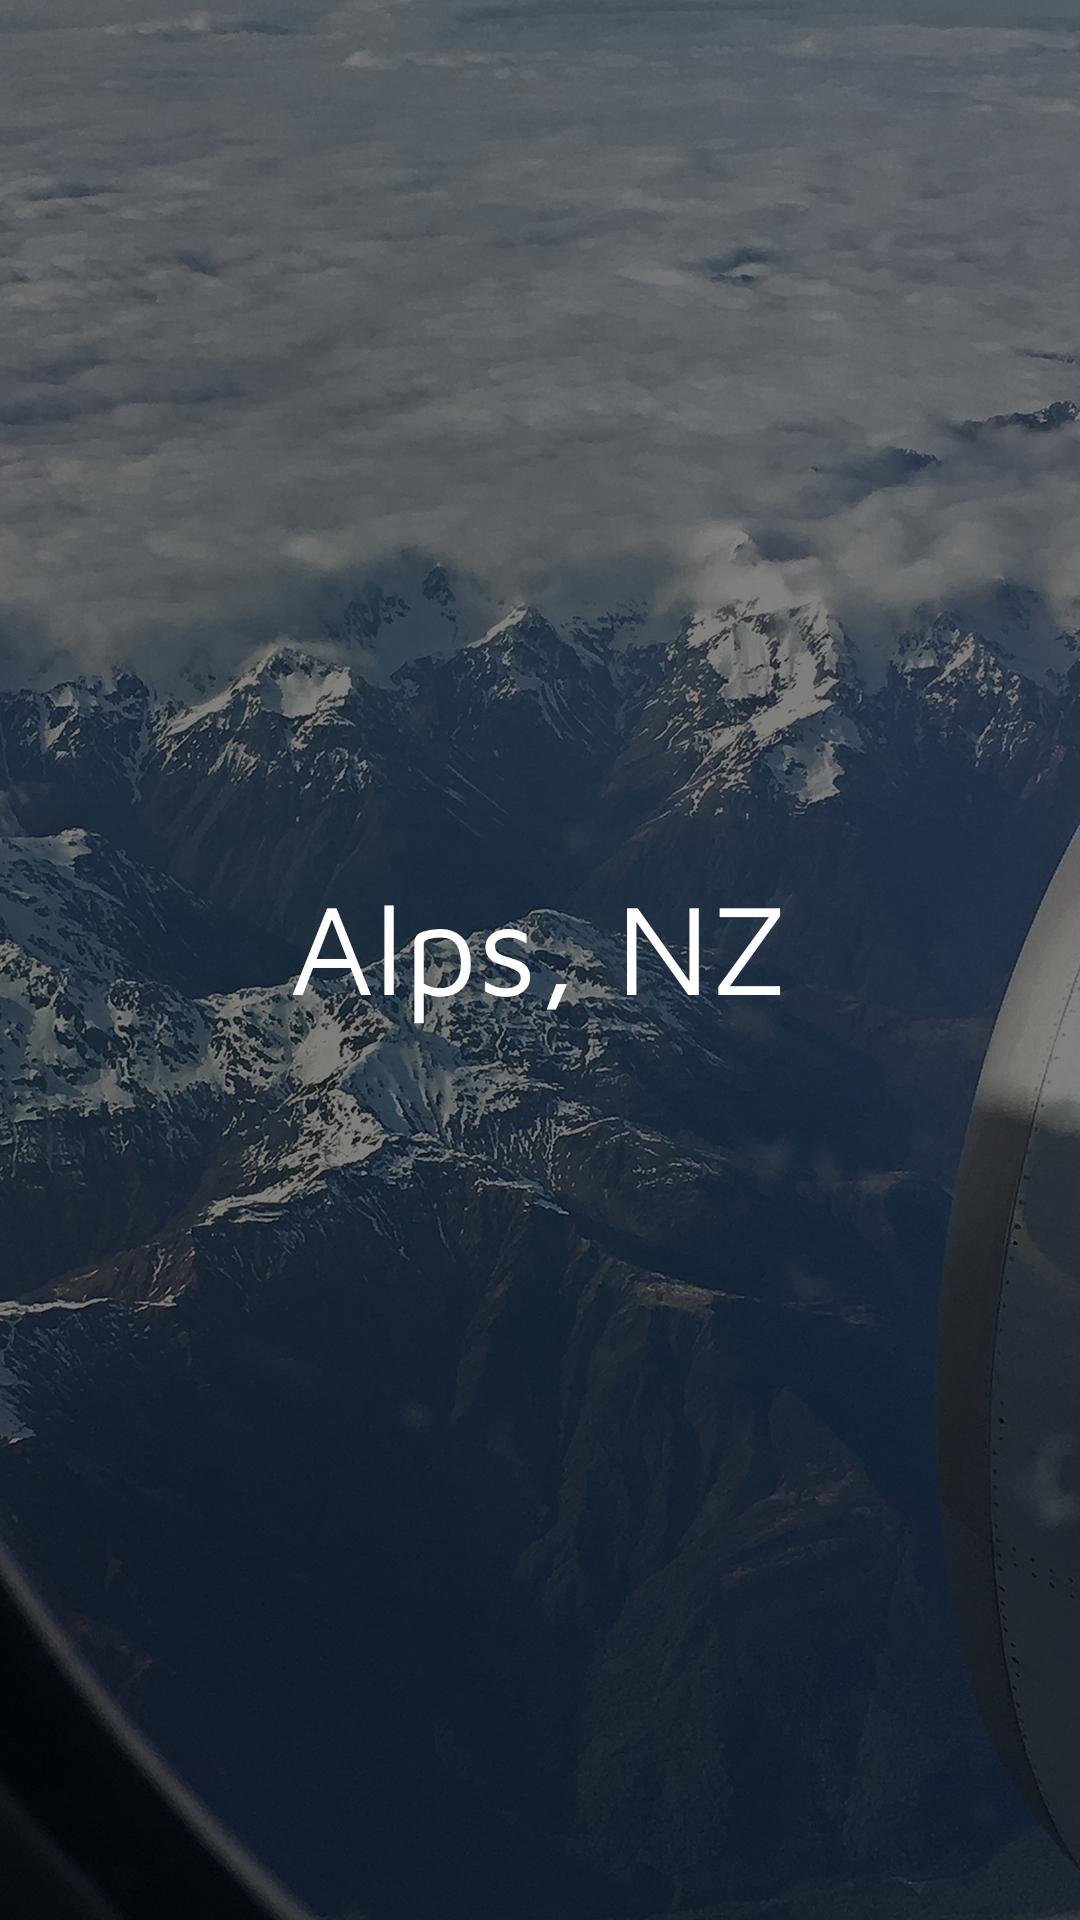 Flug NZ Schnee 1080x1920 Dark